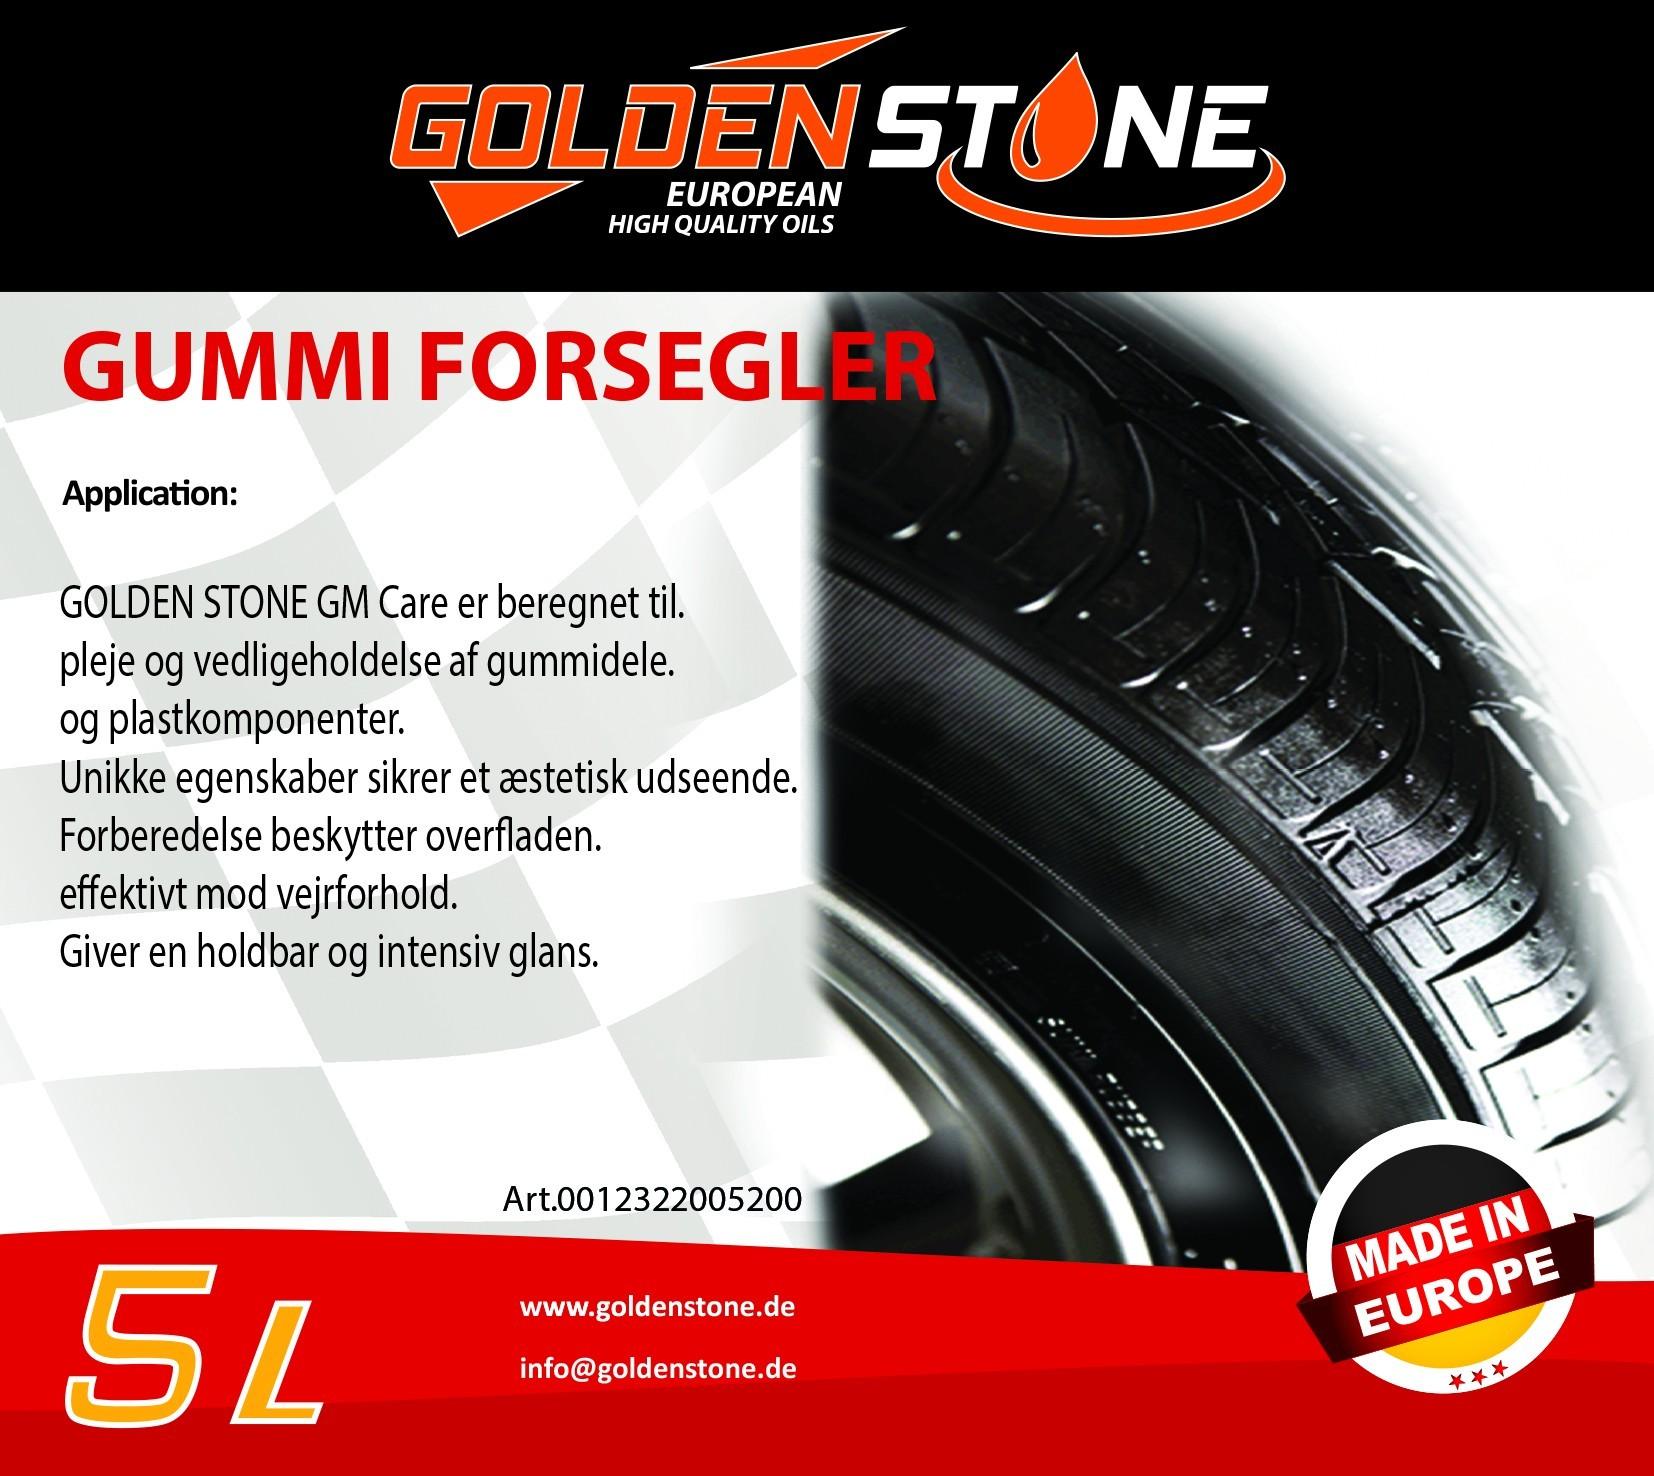 Goldenstone Dækshine - Gummiforsegler 5 liter